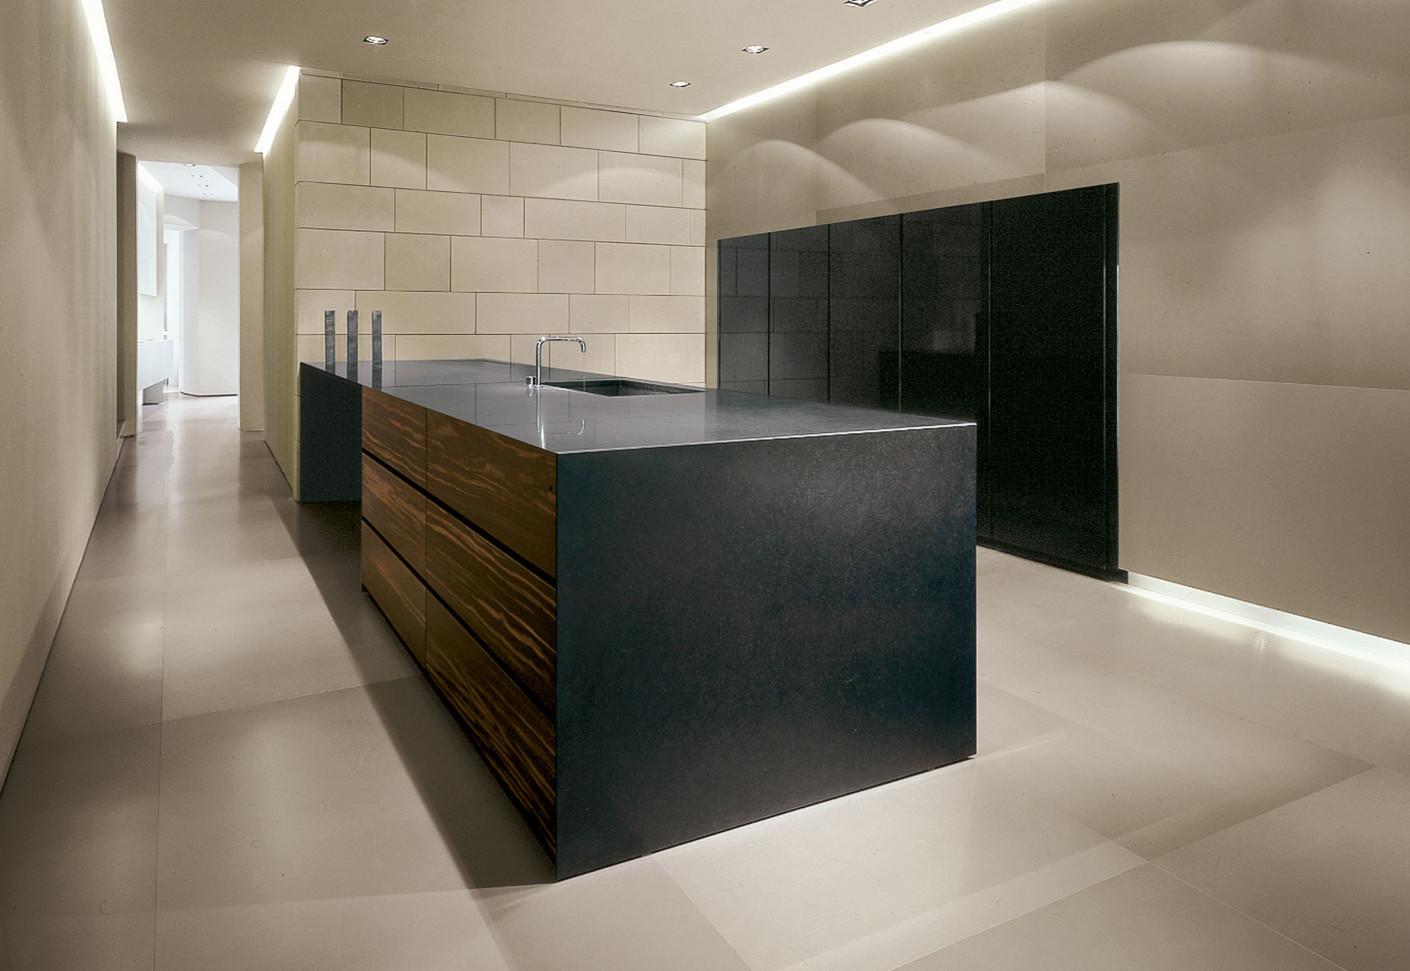 Gandhara By Minotti Cucine Stylepark